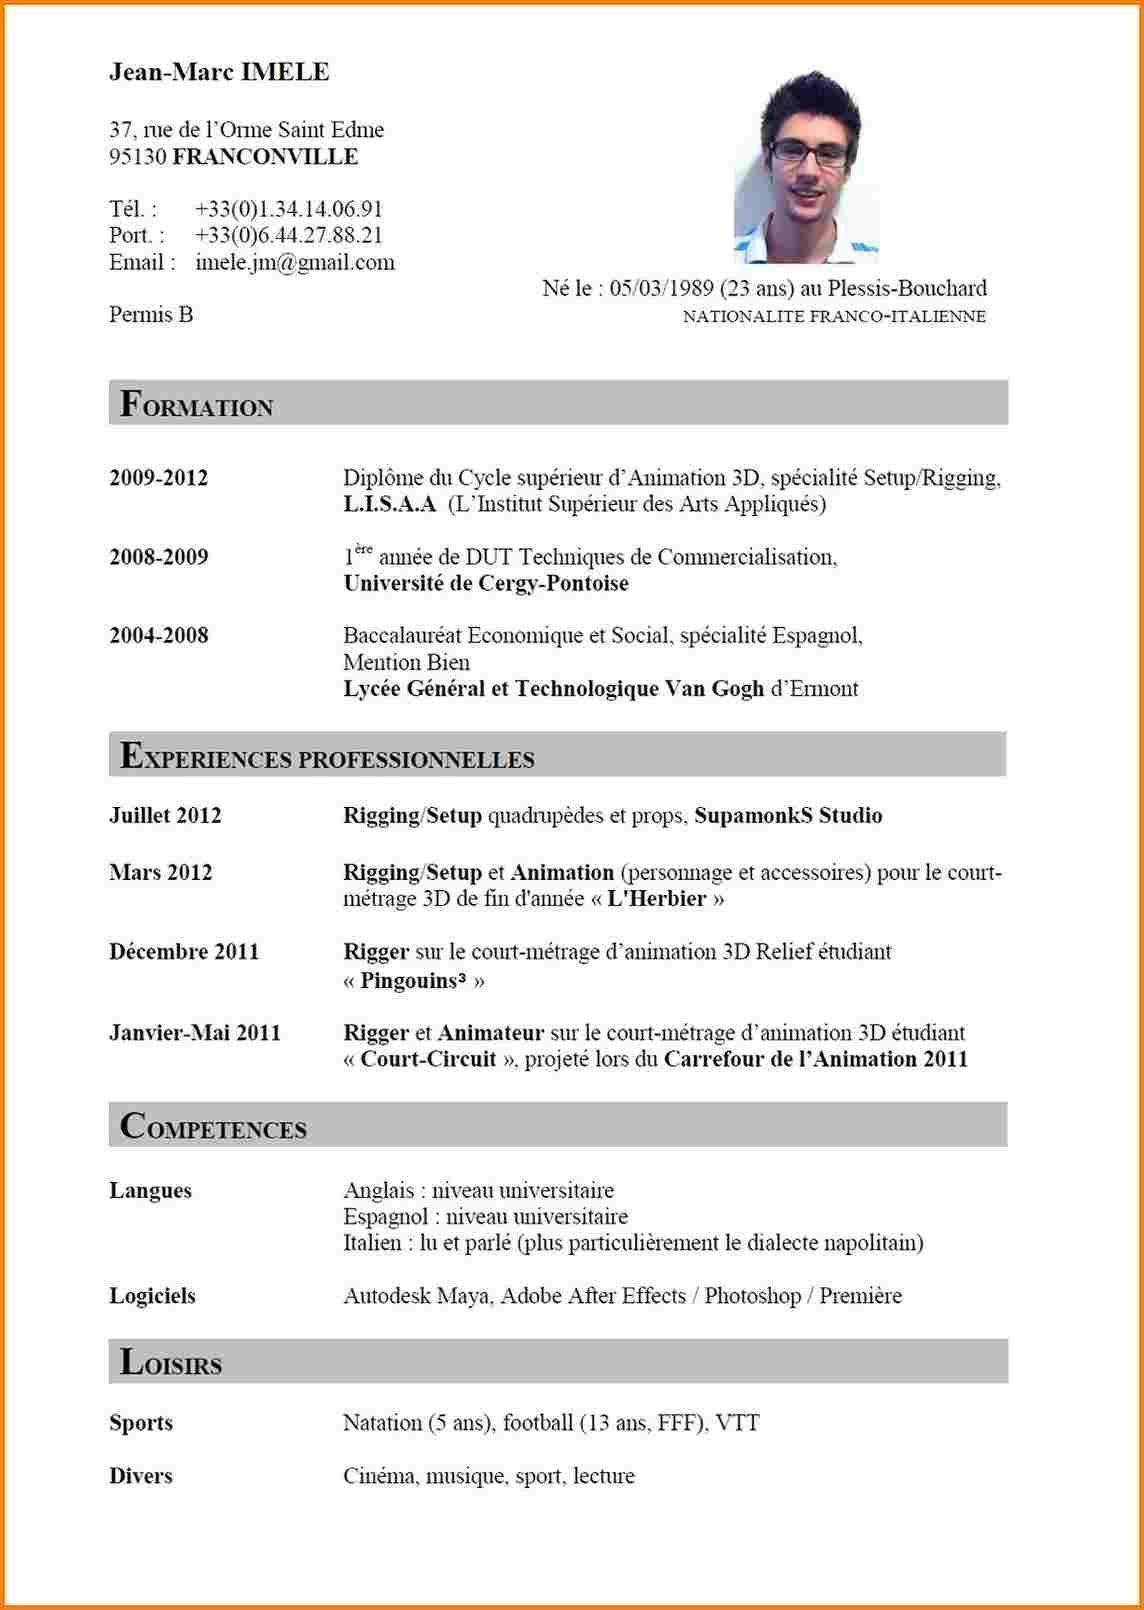 Modelo De Curriculum Vitae Word 2019 Modelos De Cartas Cv Francais Modele Cv Faire Un Cv